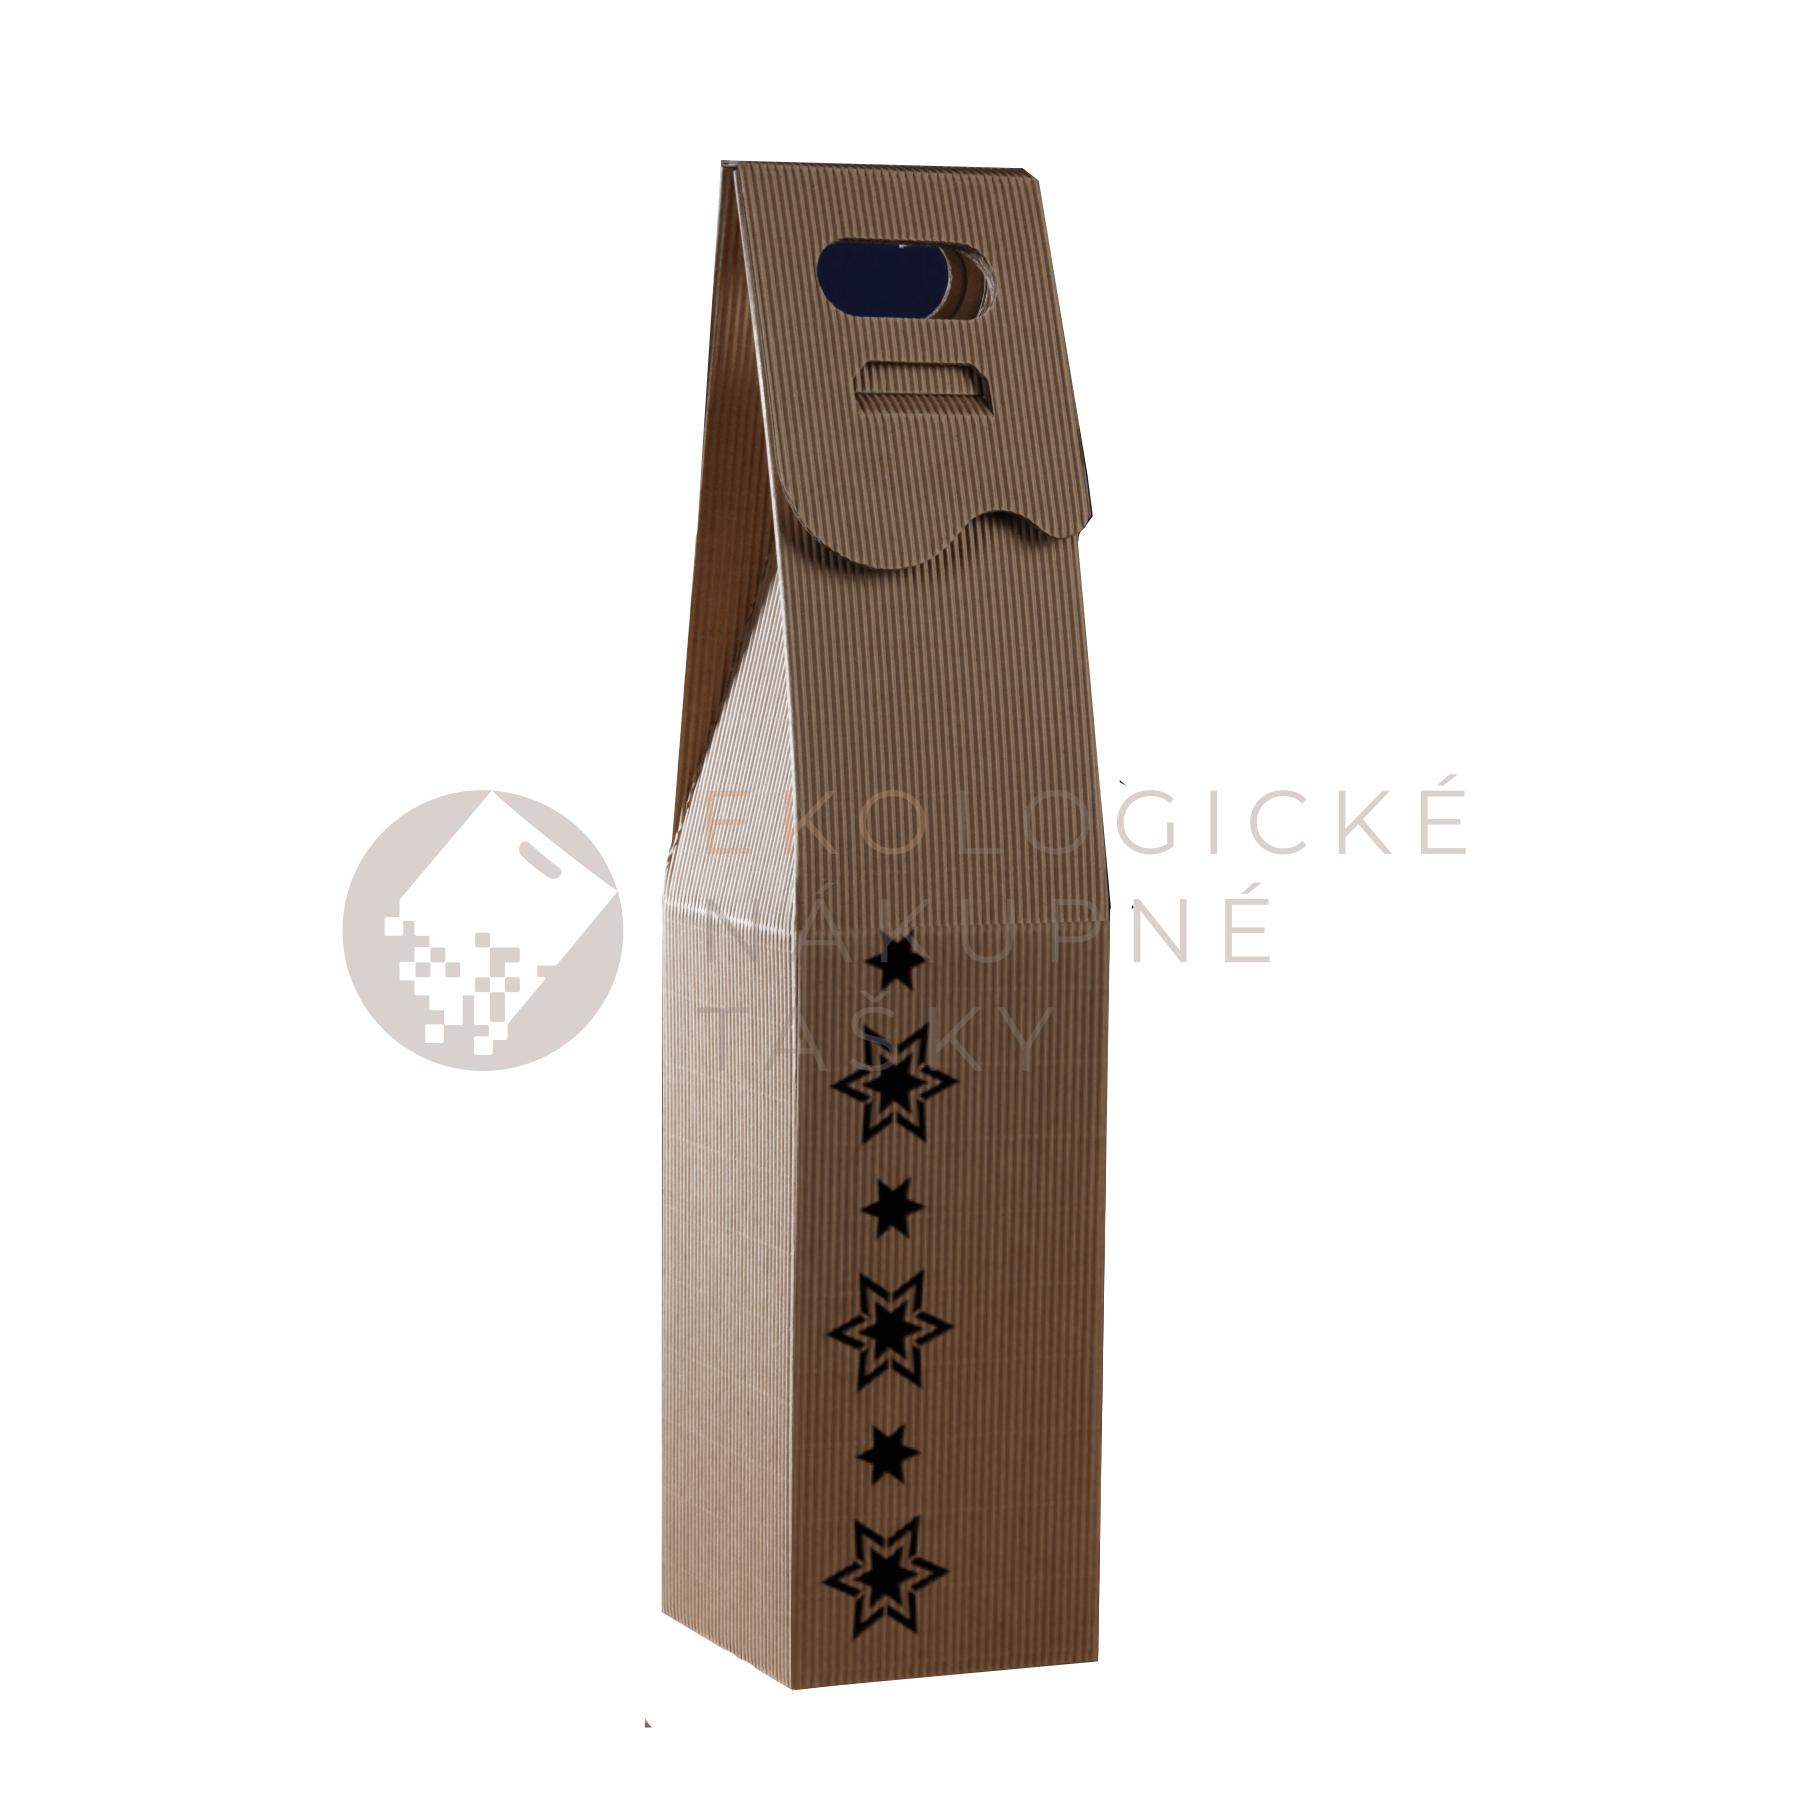 Vianočná krabica na víno s hviezdami